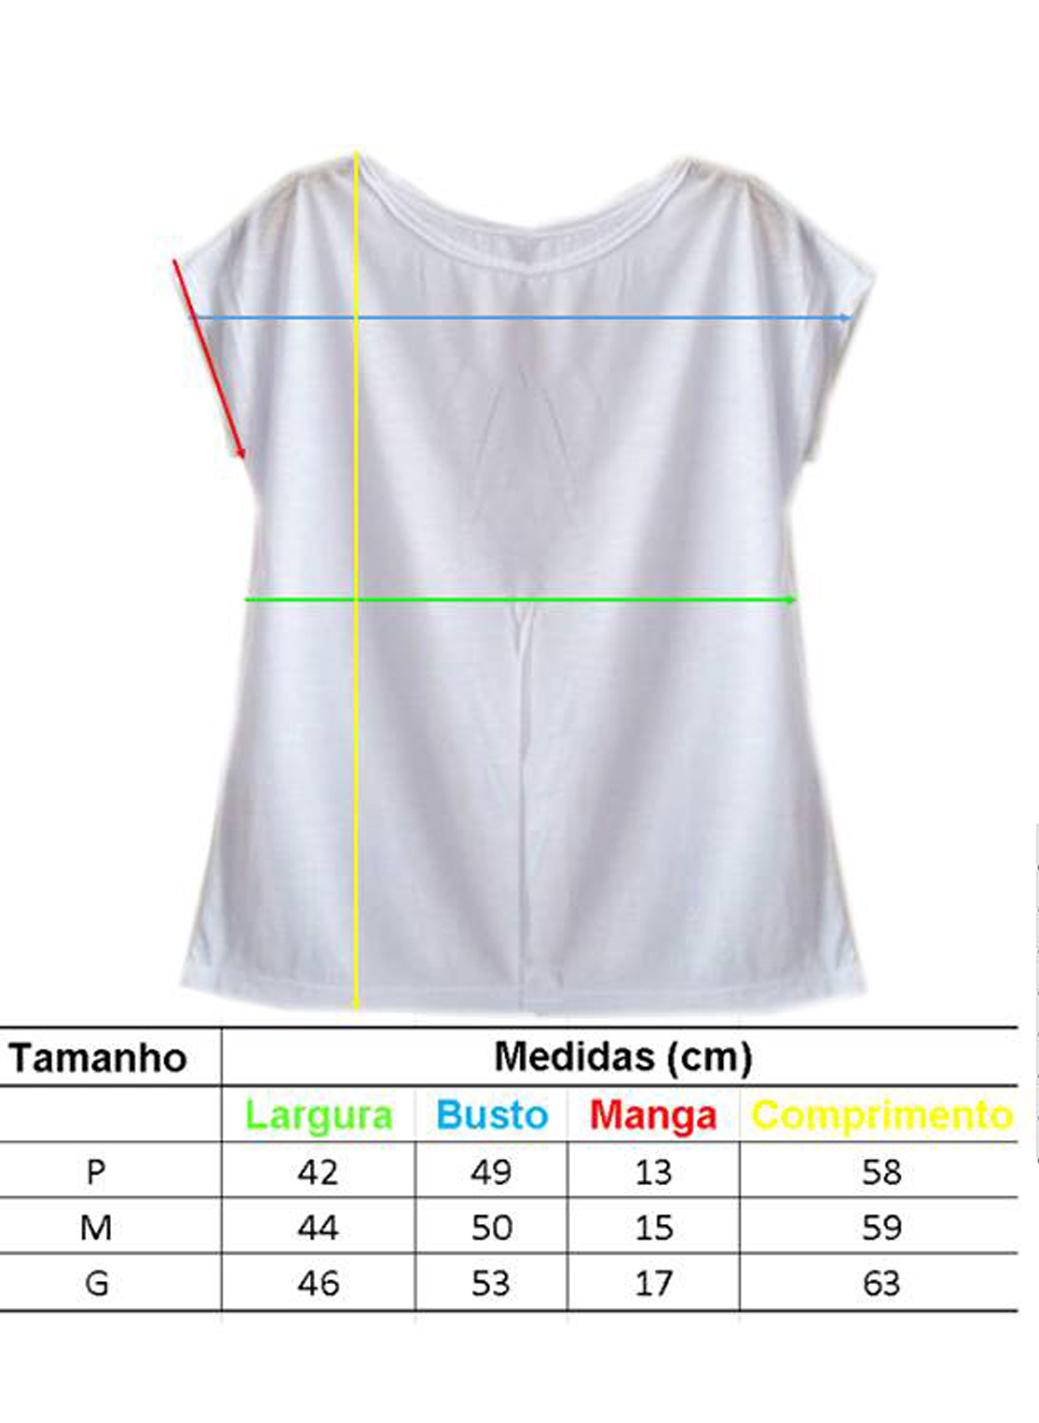 b614de5243 Camiseta Feminina Blusa T shirt Gato Unicórnio Colorido no Elo7 ...